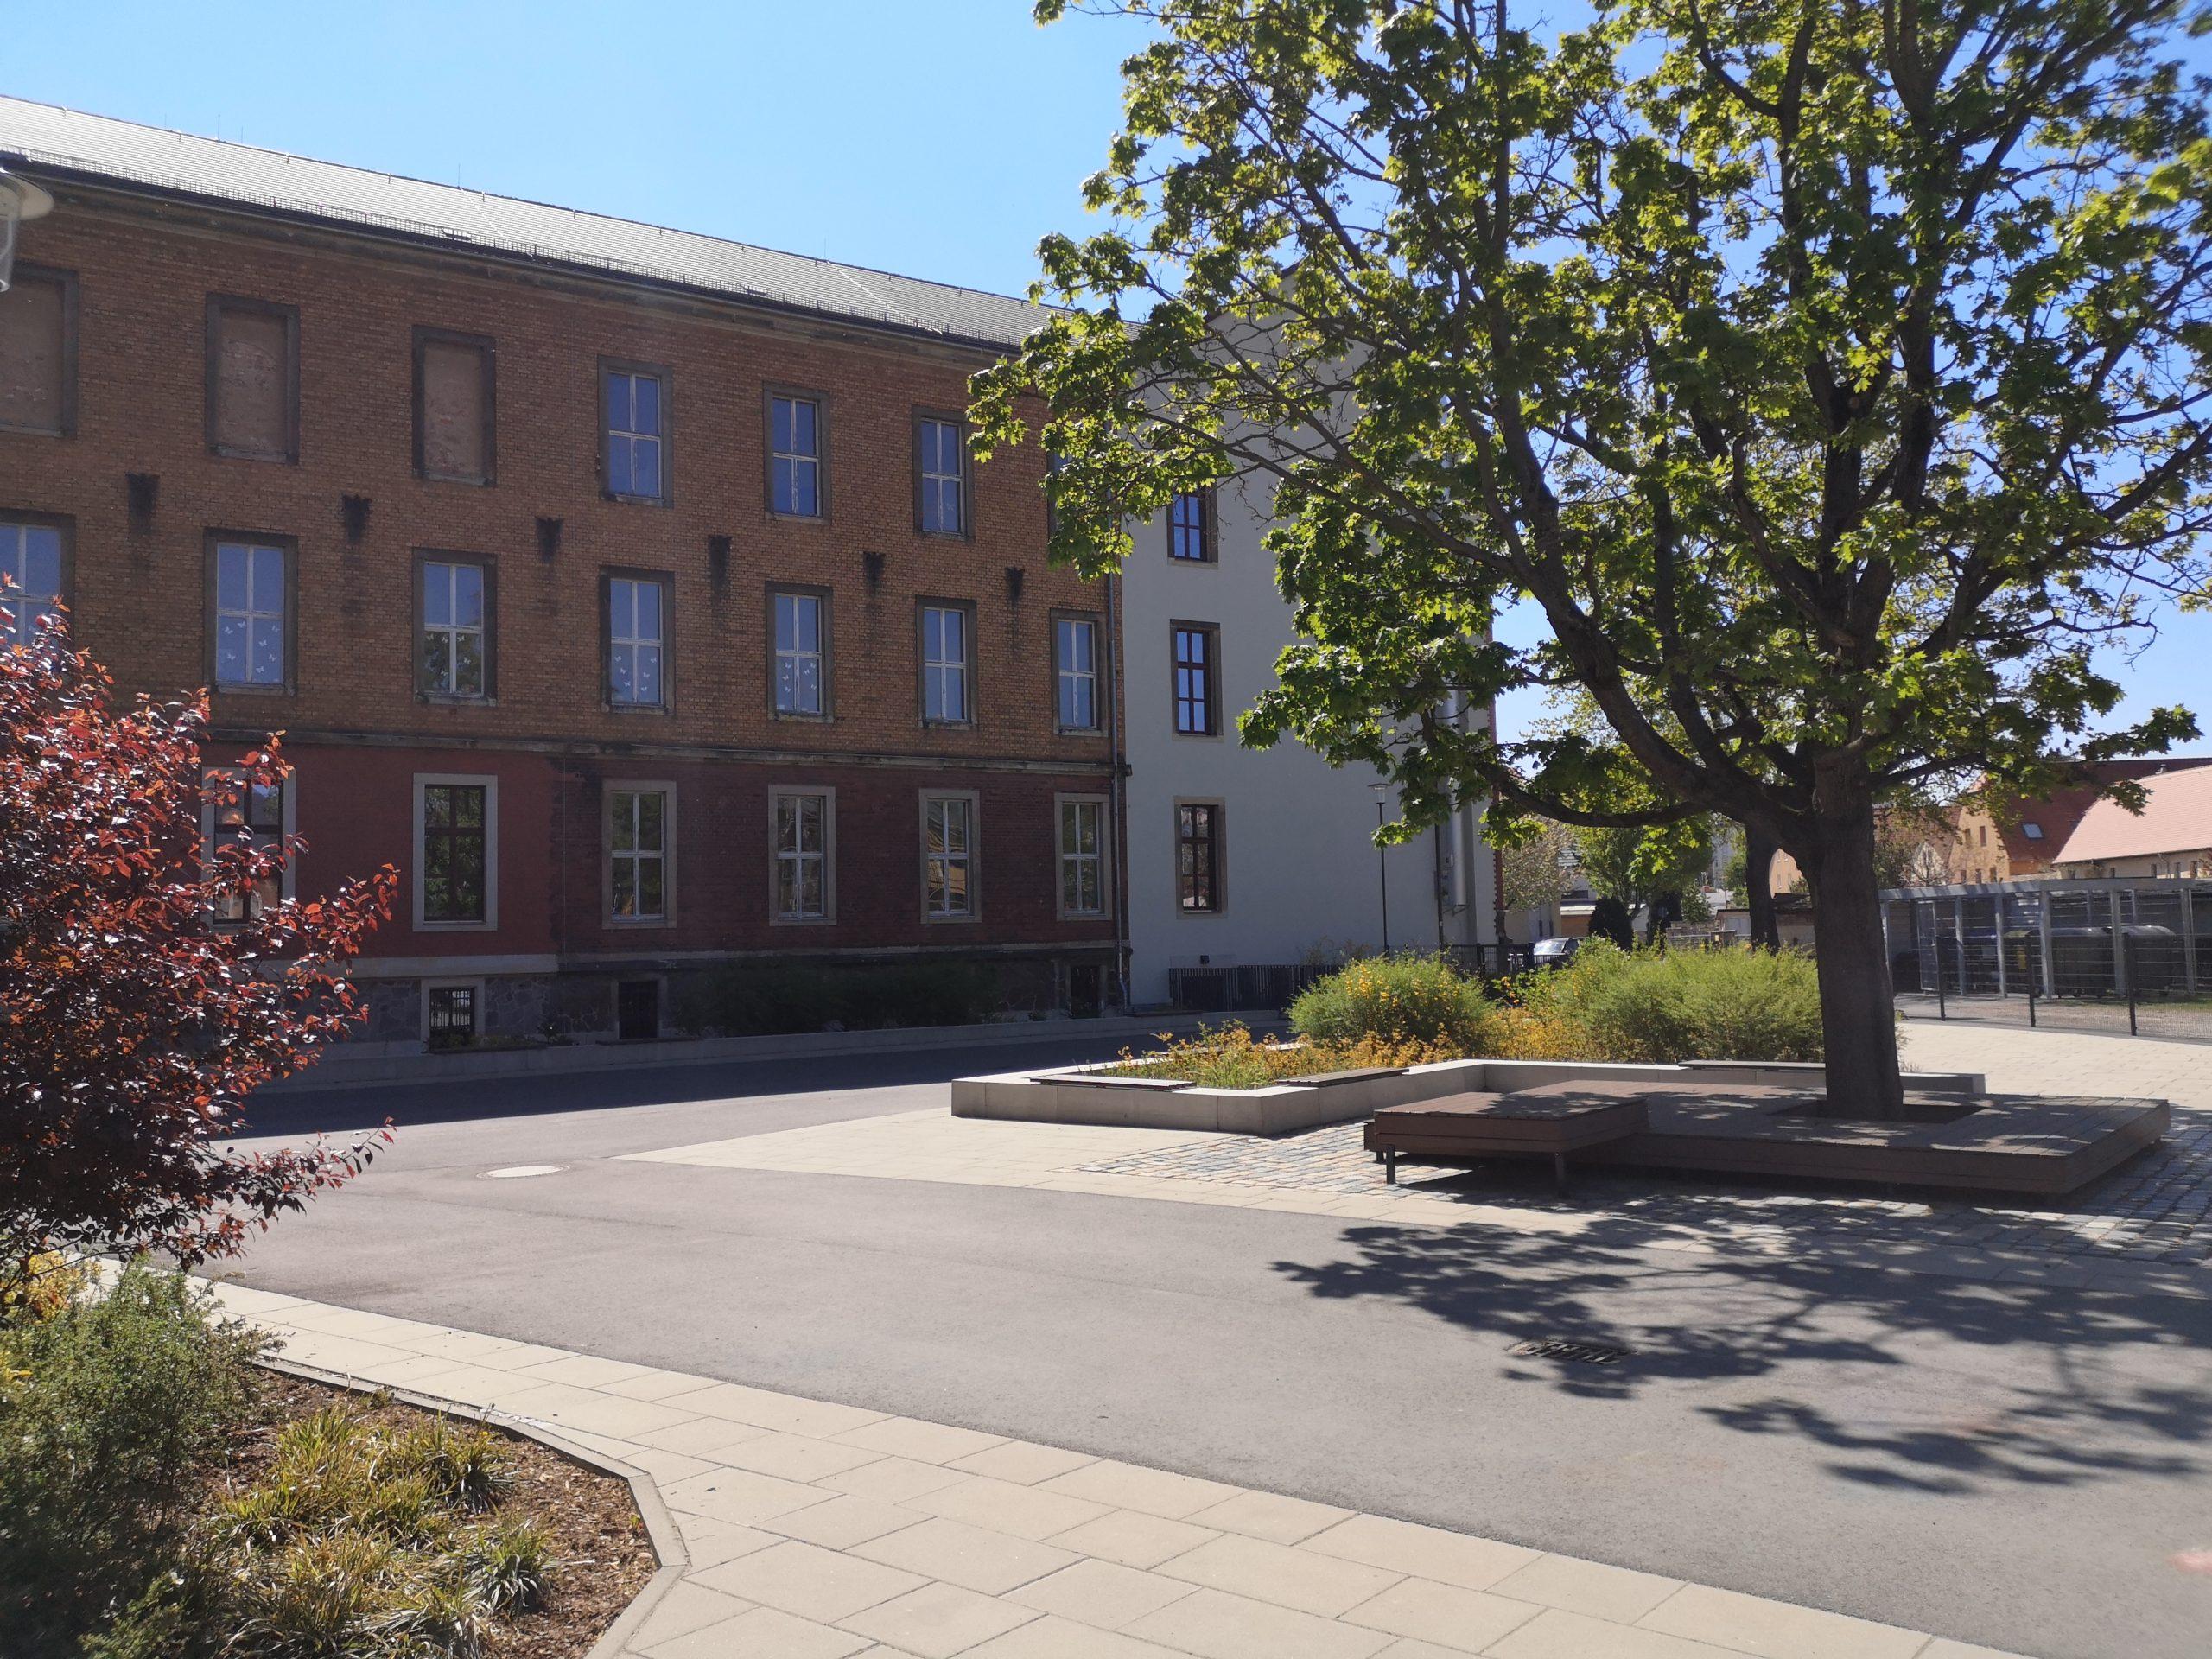 Hauptgebäude und Hof